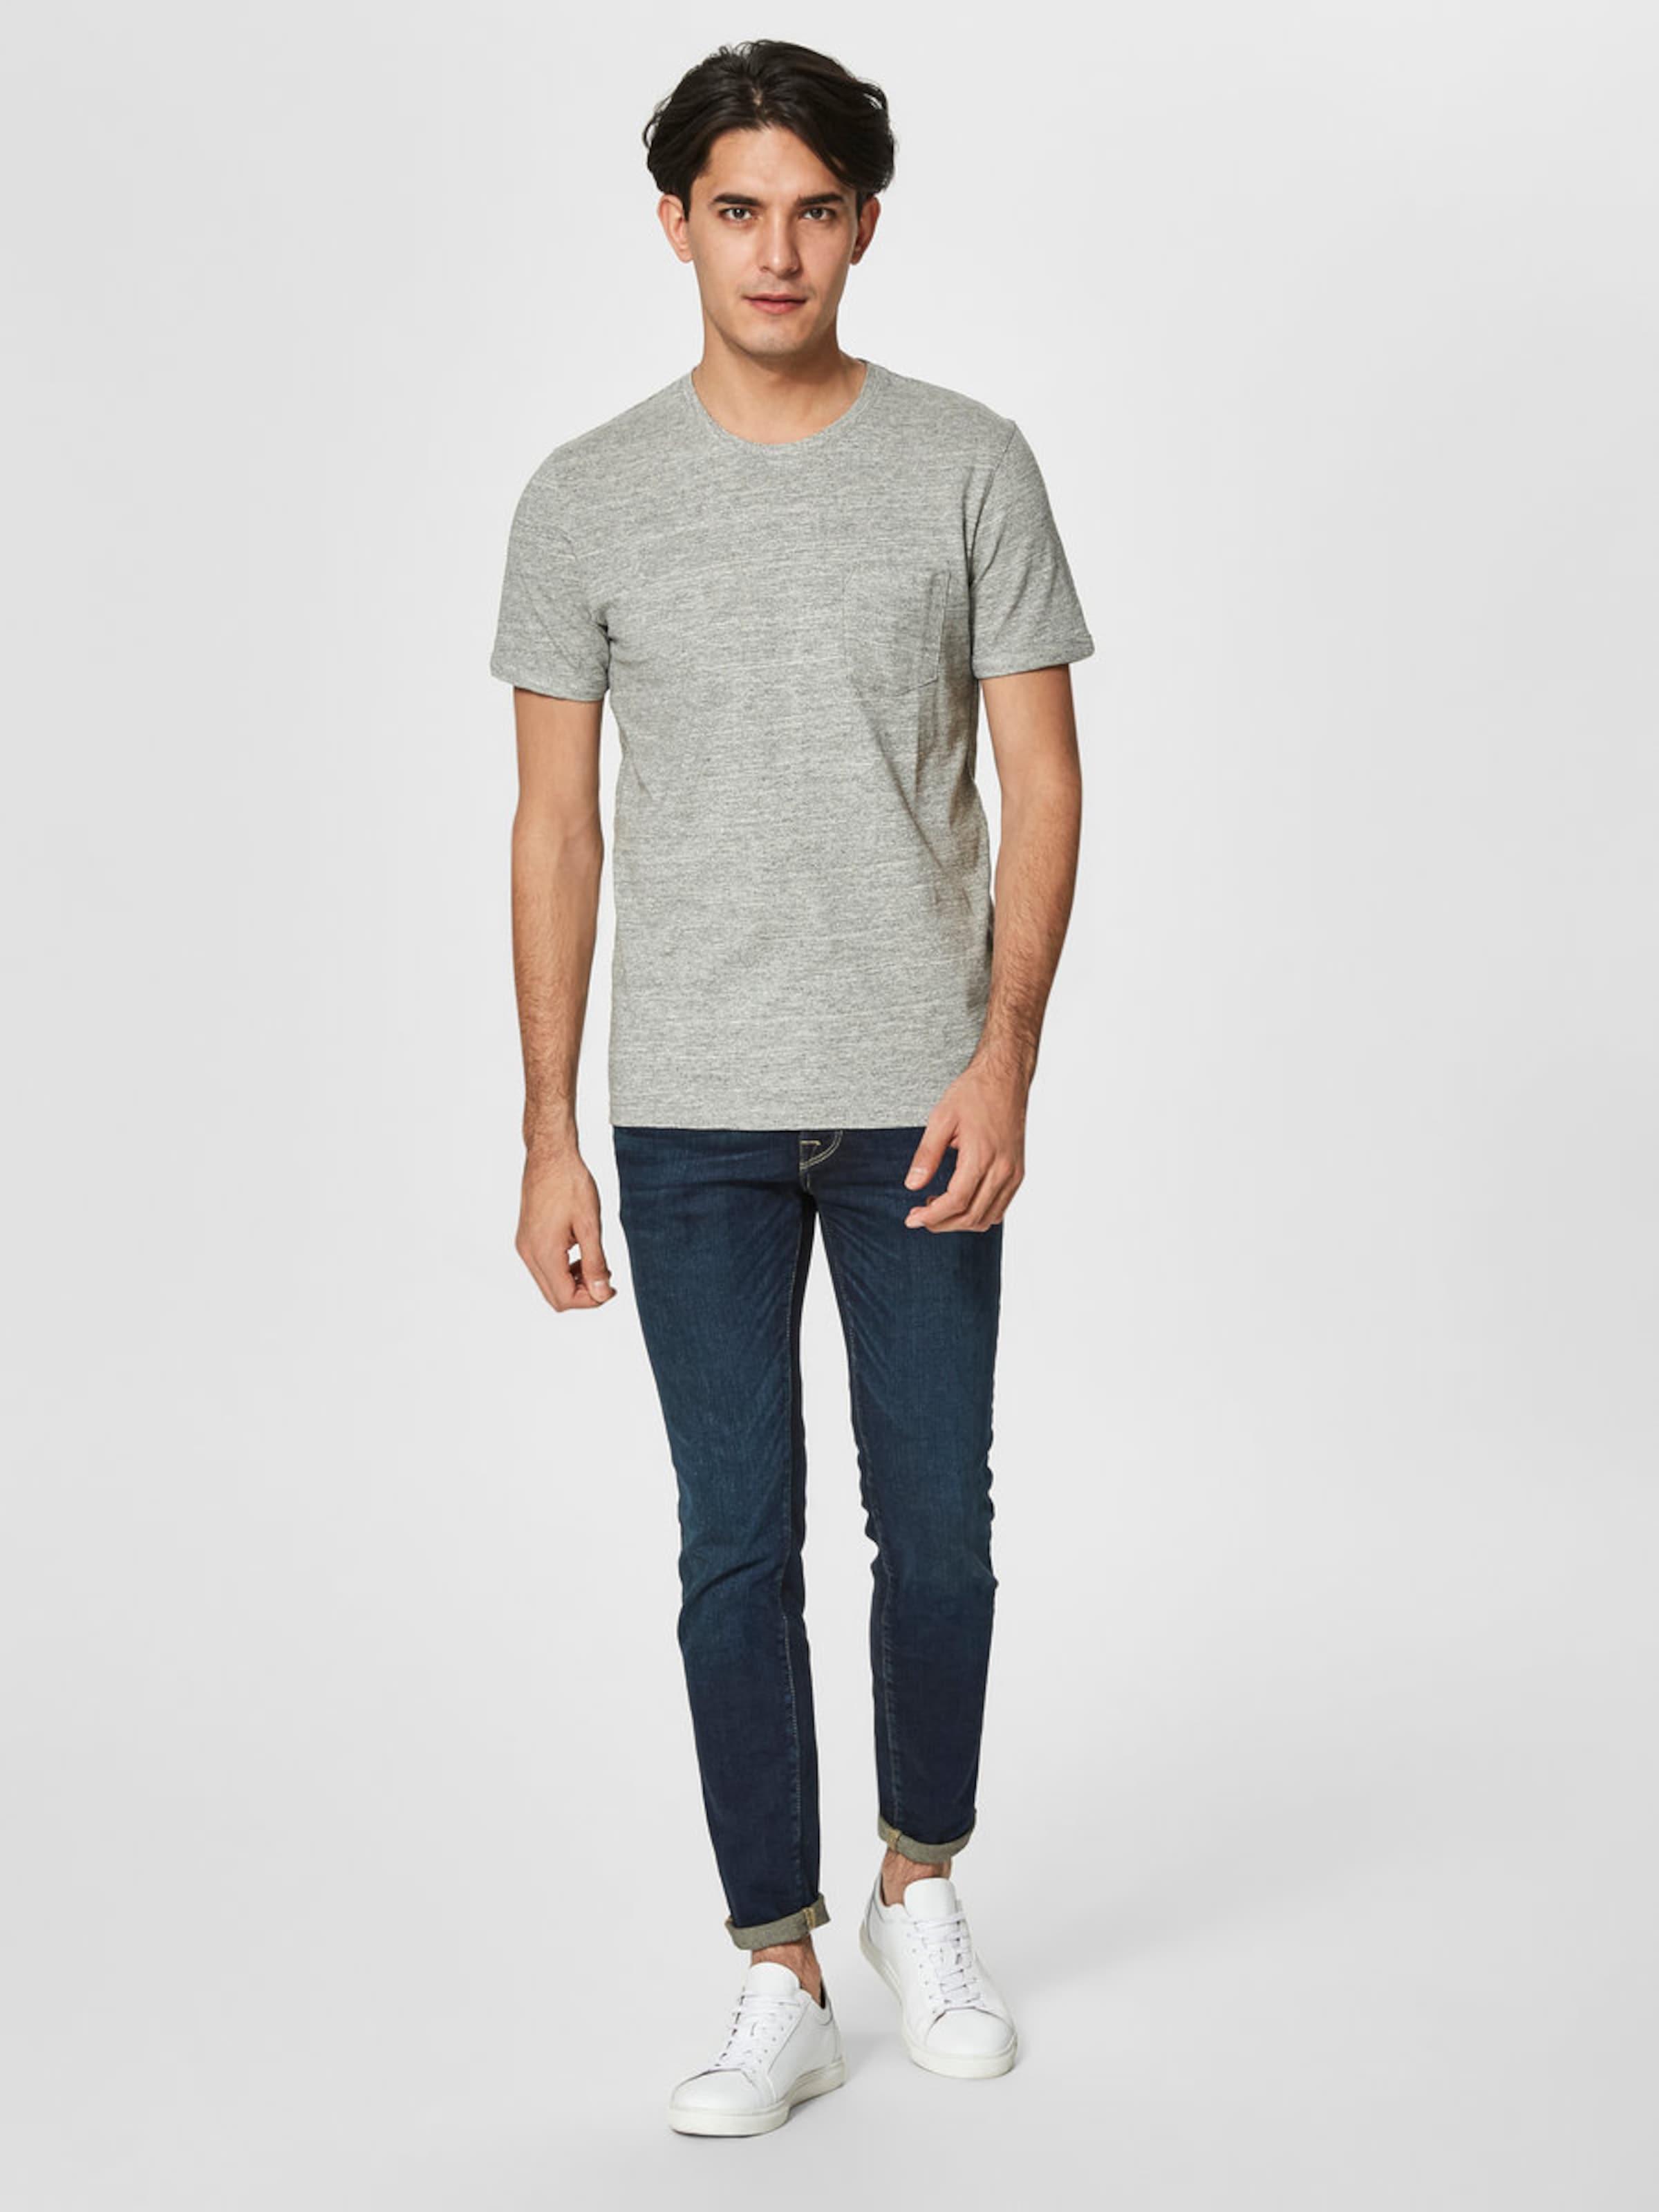 SELECTED HOMME T-Shirt Verkauf Freies Verschiffen gYOwoTL